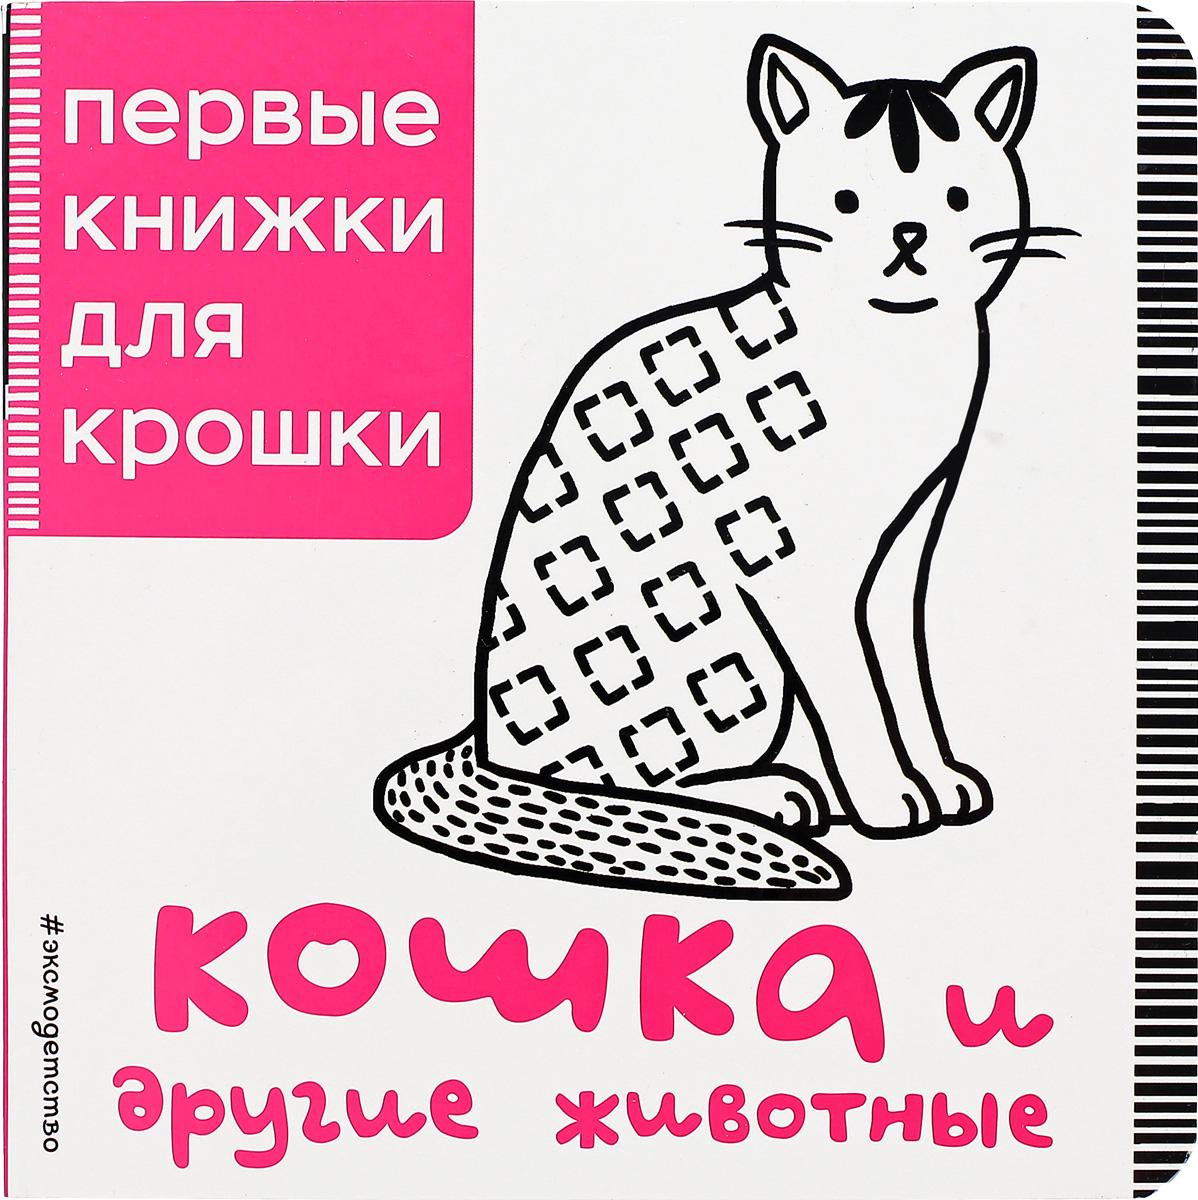 Купить Кошка и другие животные. Первые книжки для крошки